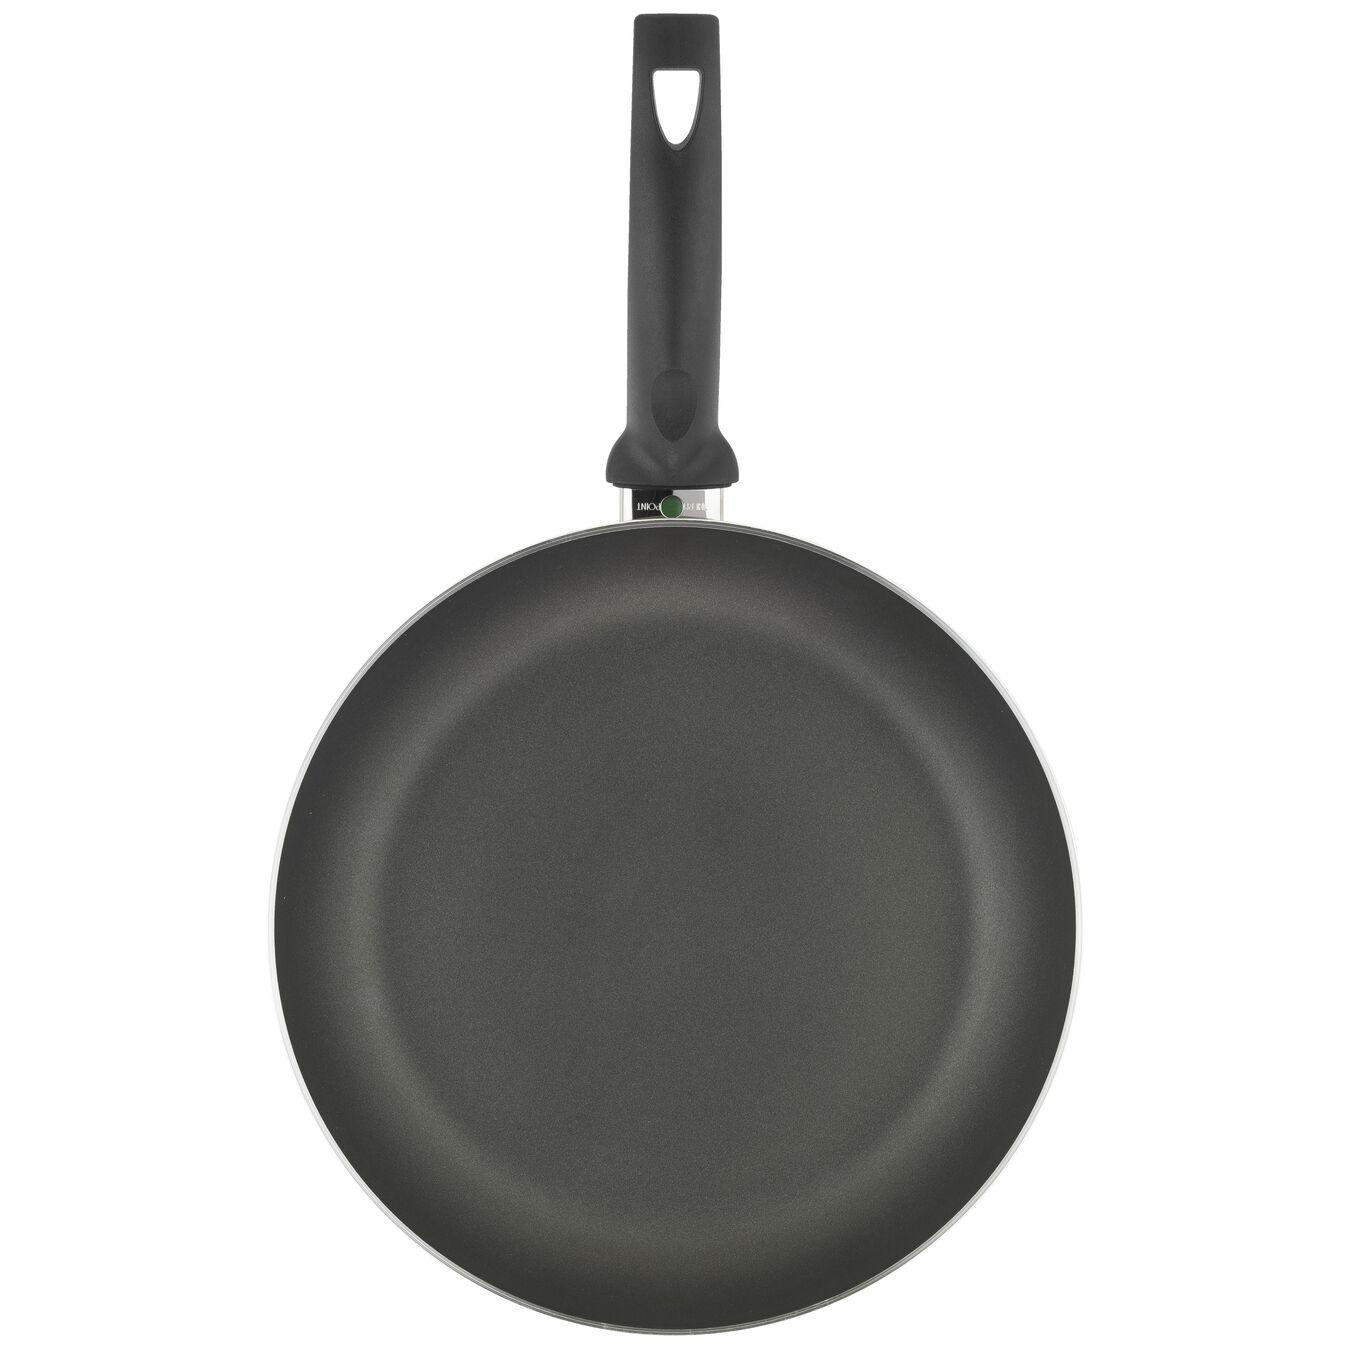 Schmorpfanne 28 cm, Aluminium,,large 4